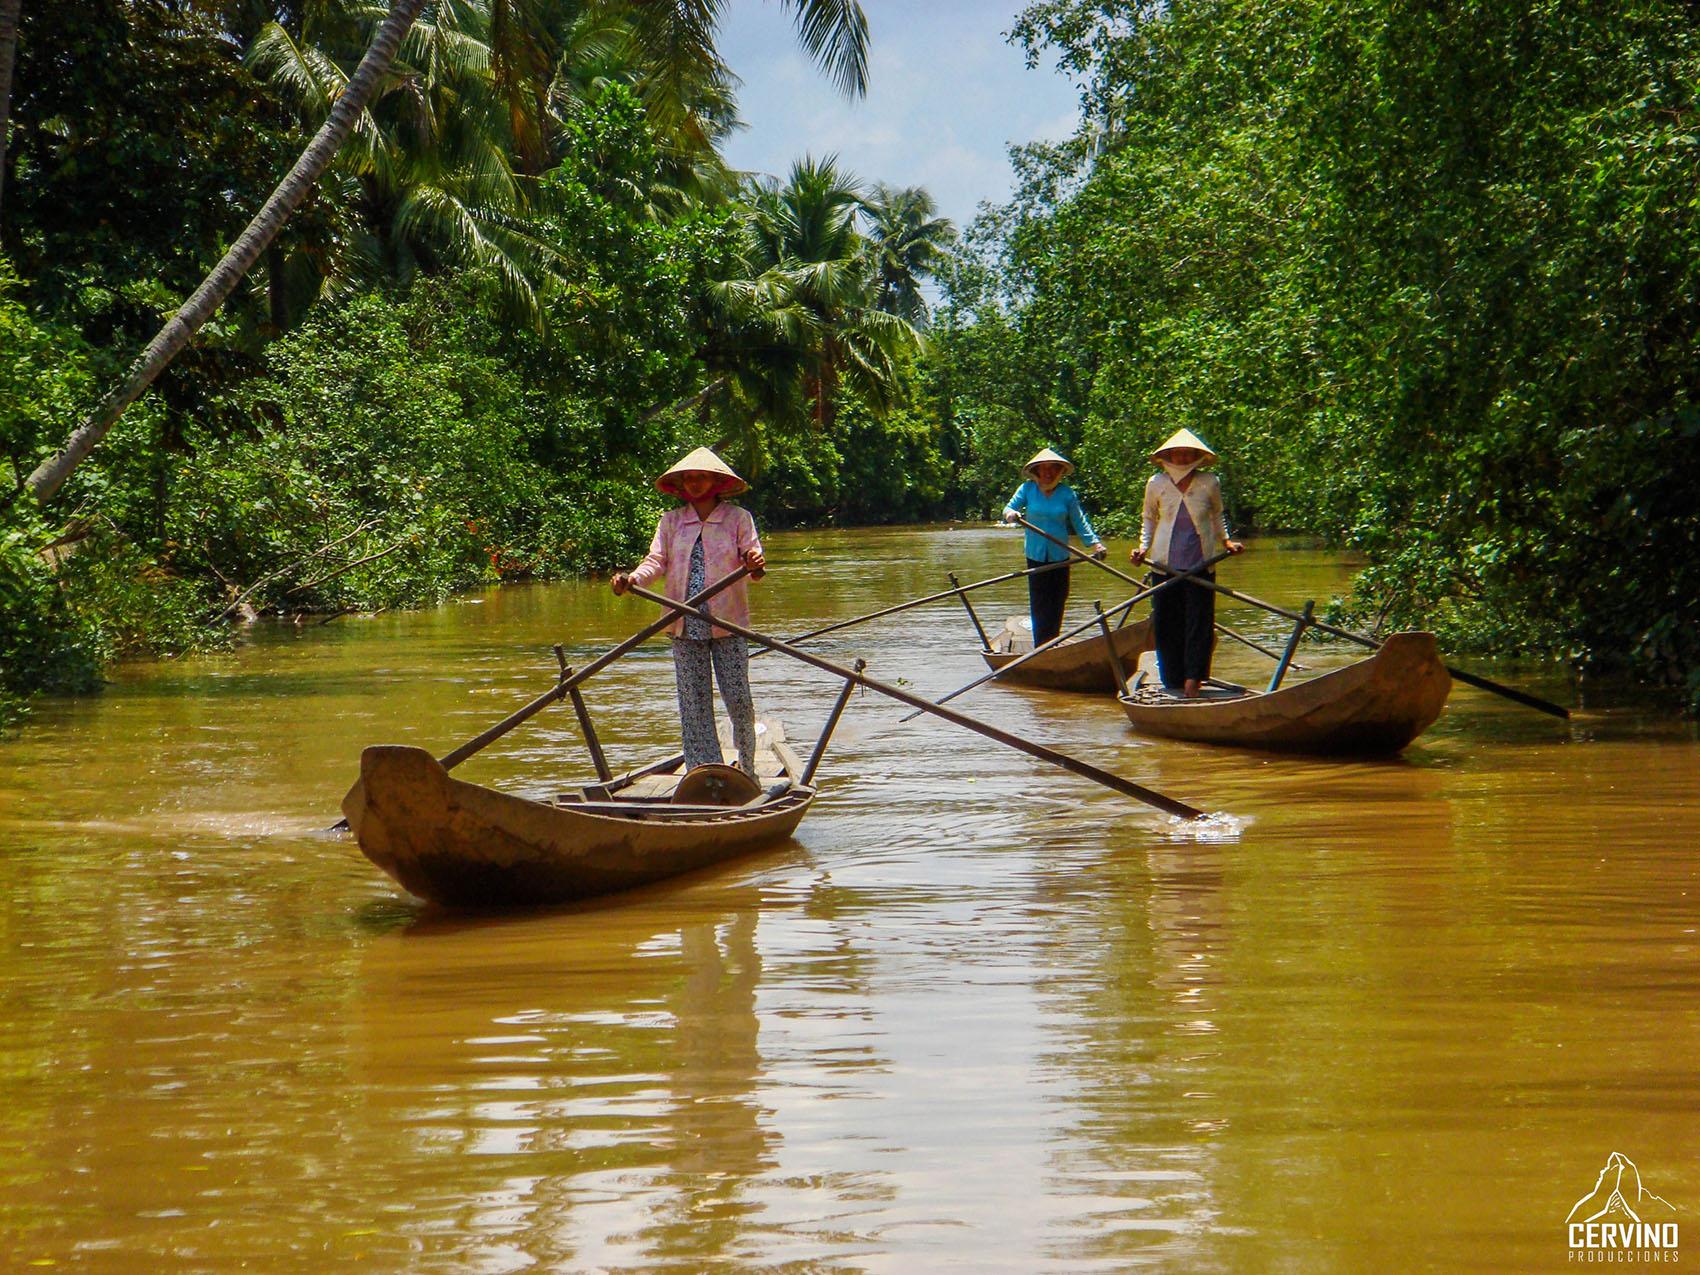 Portfolio_Cervino_2009_ Vietnam_02